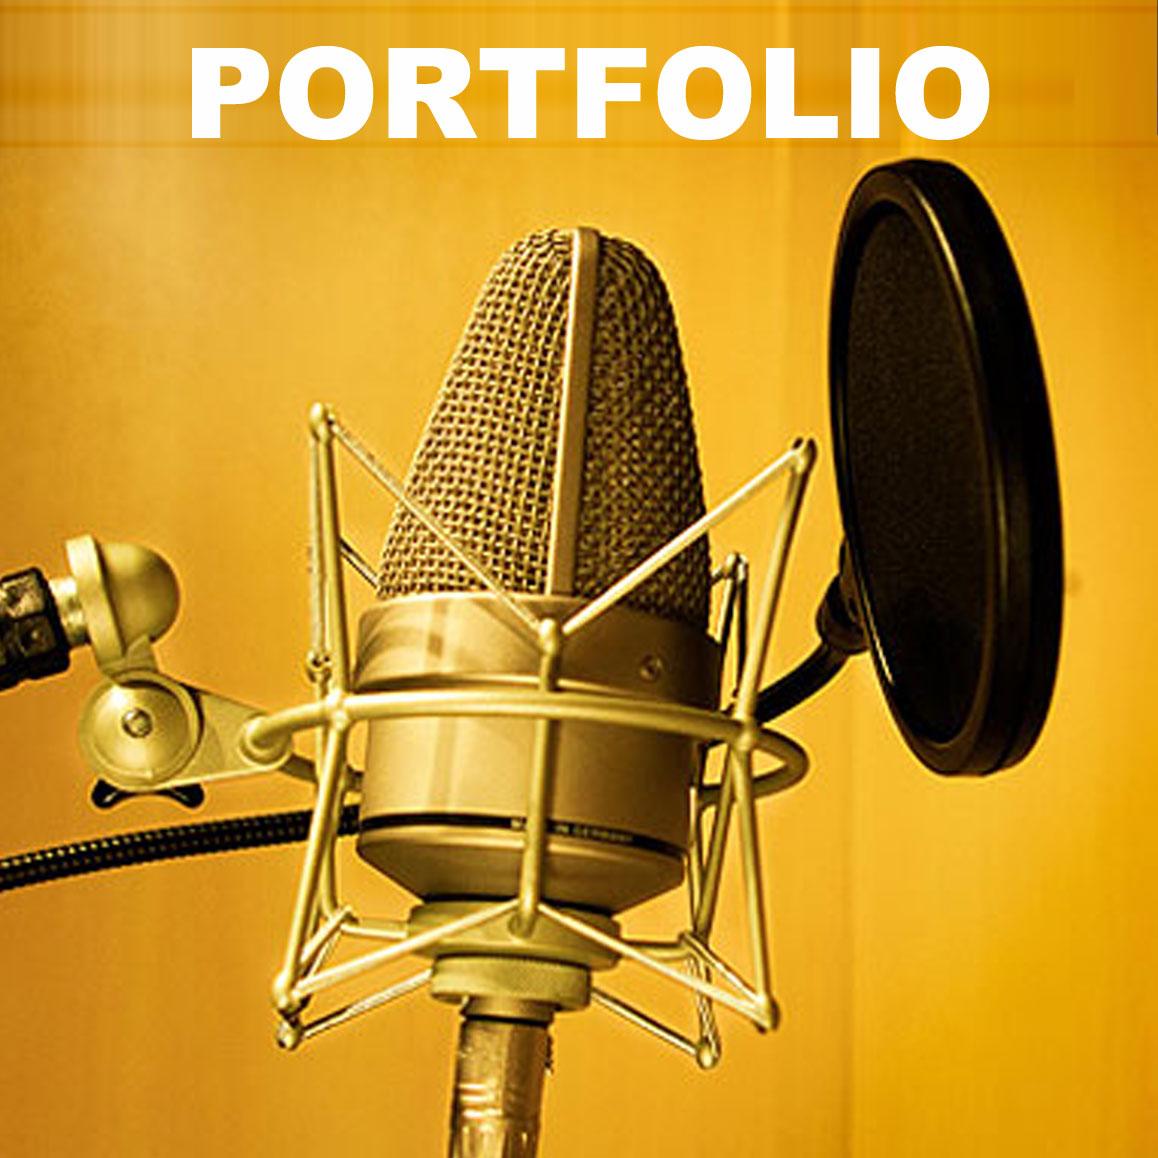 Portfolio (trabalhos realizados)